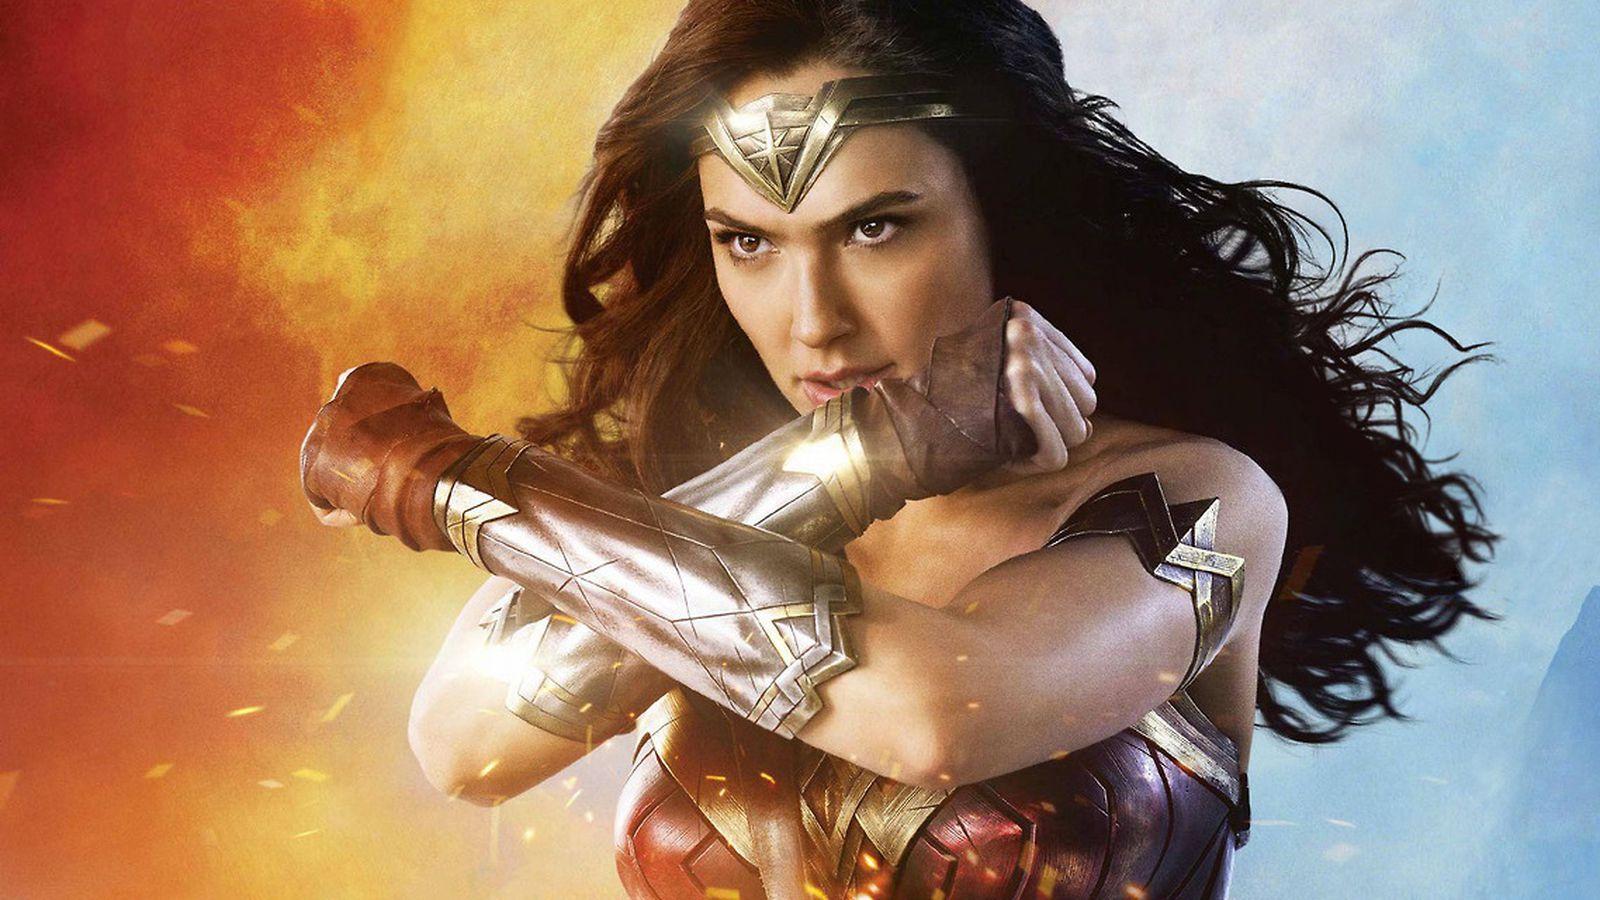 wonderwoman2.01 Wonder Woman